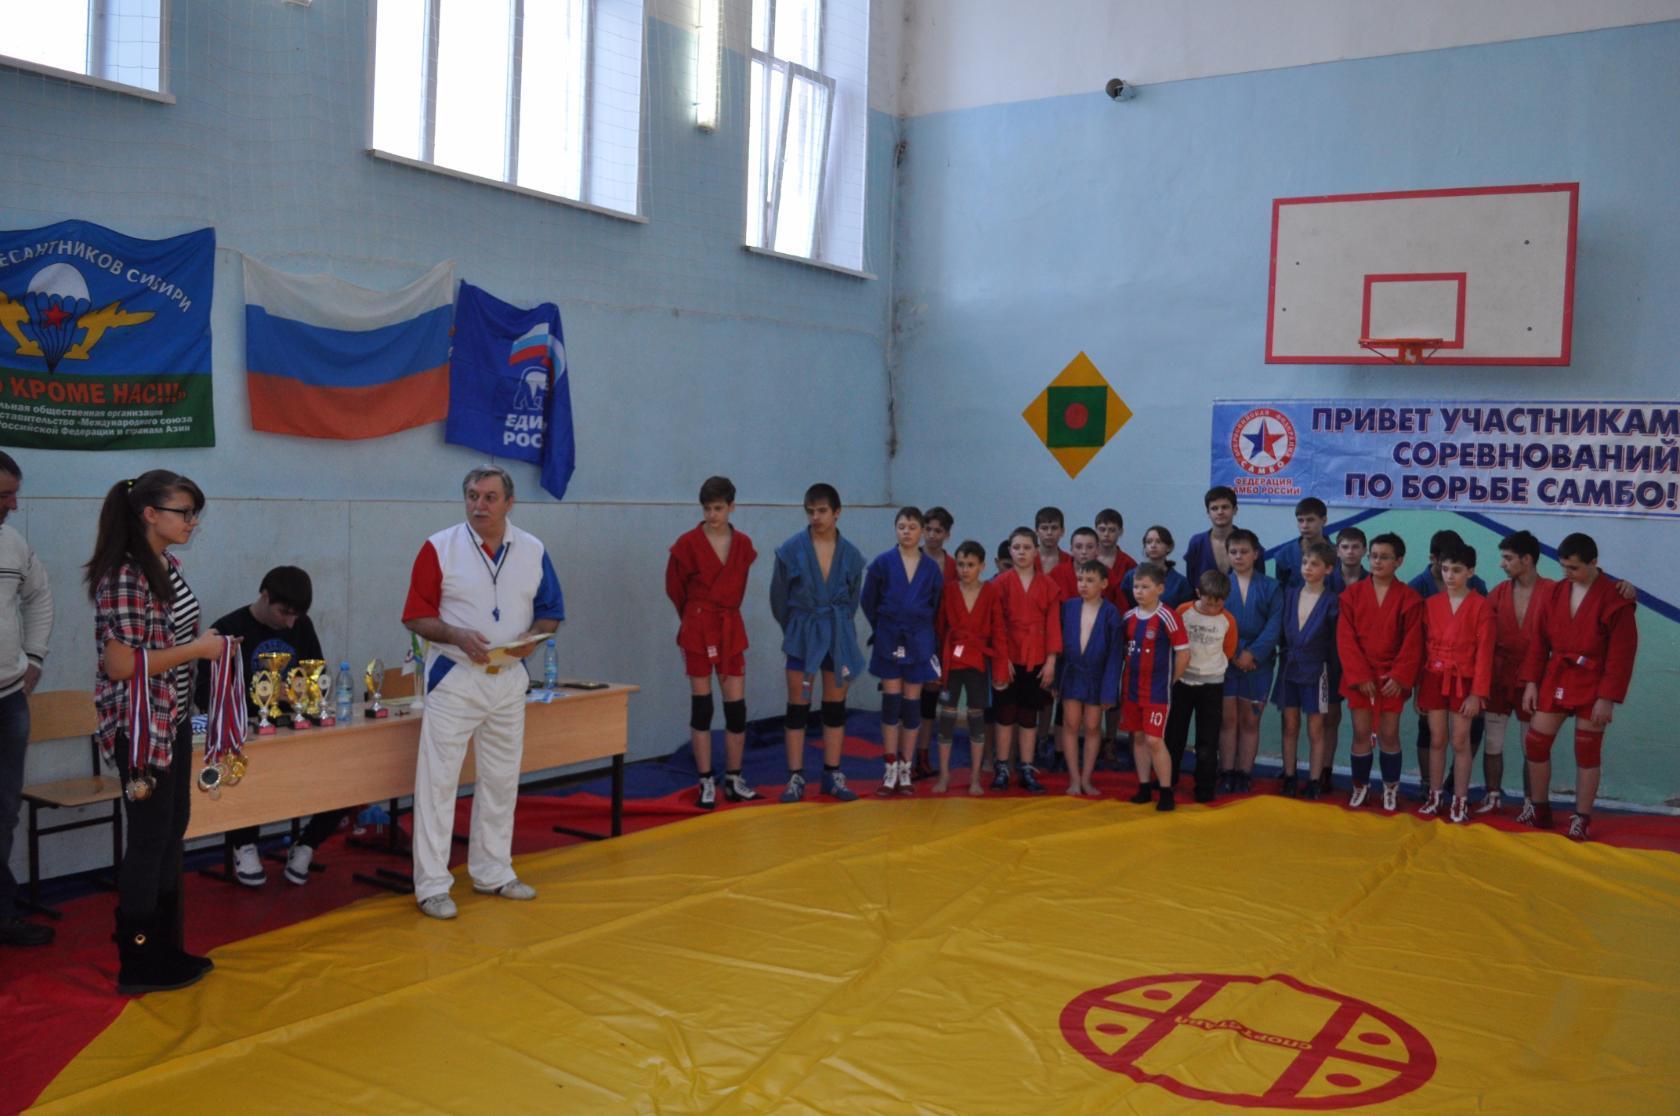 IV ежегодный турнир по борьбе САМБО среди юношей городов Сибири